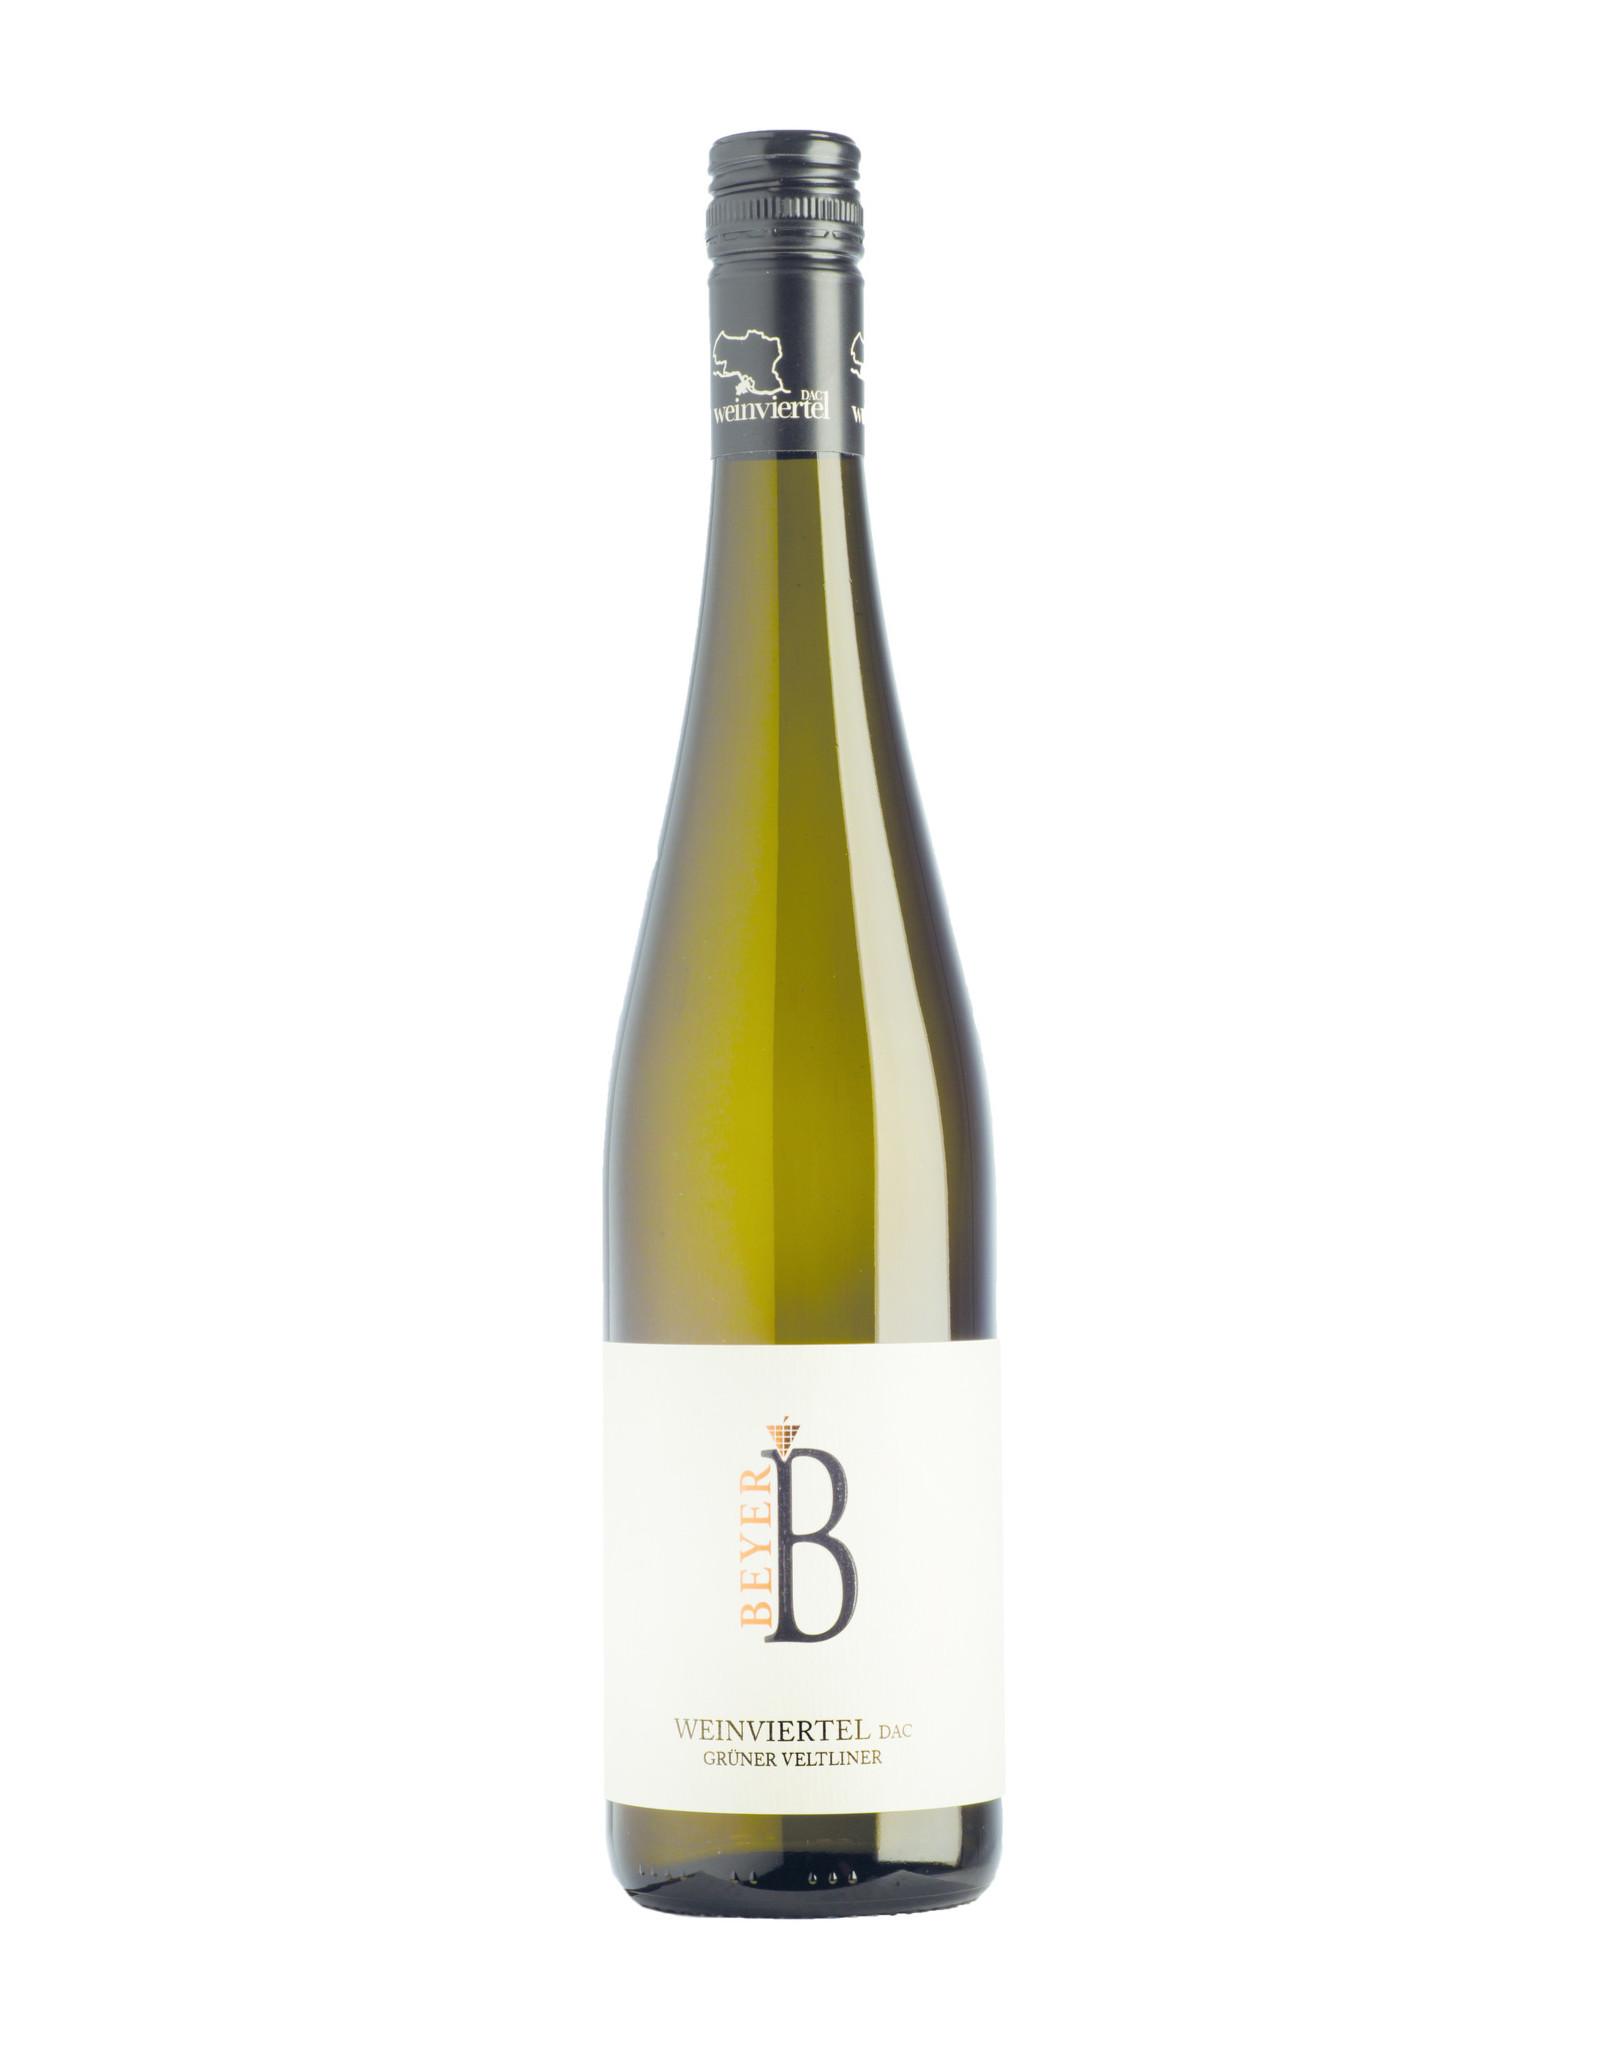 Beyer Beyer - Weinviertel DAC Grüner Veltliner 2019